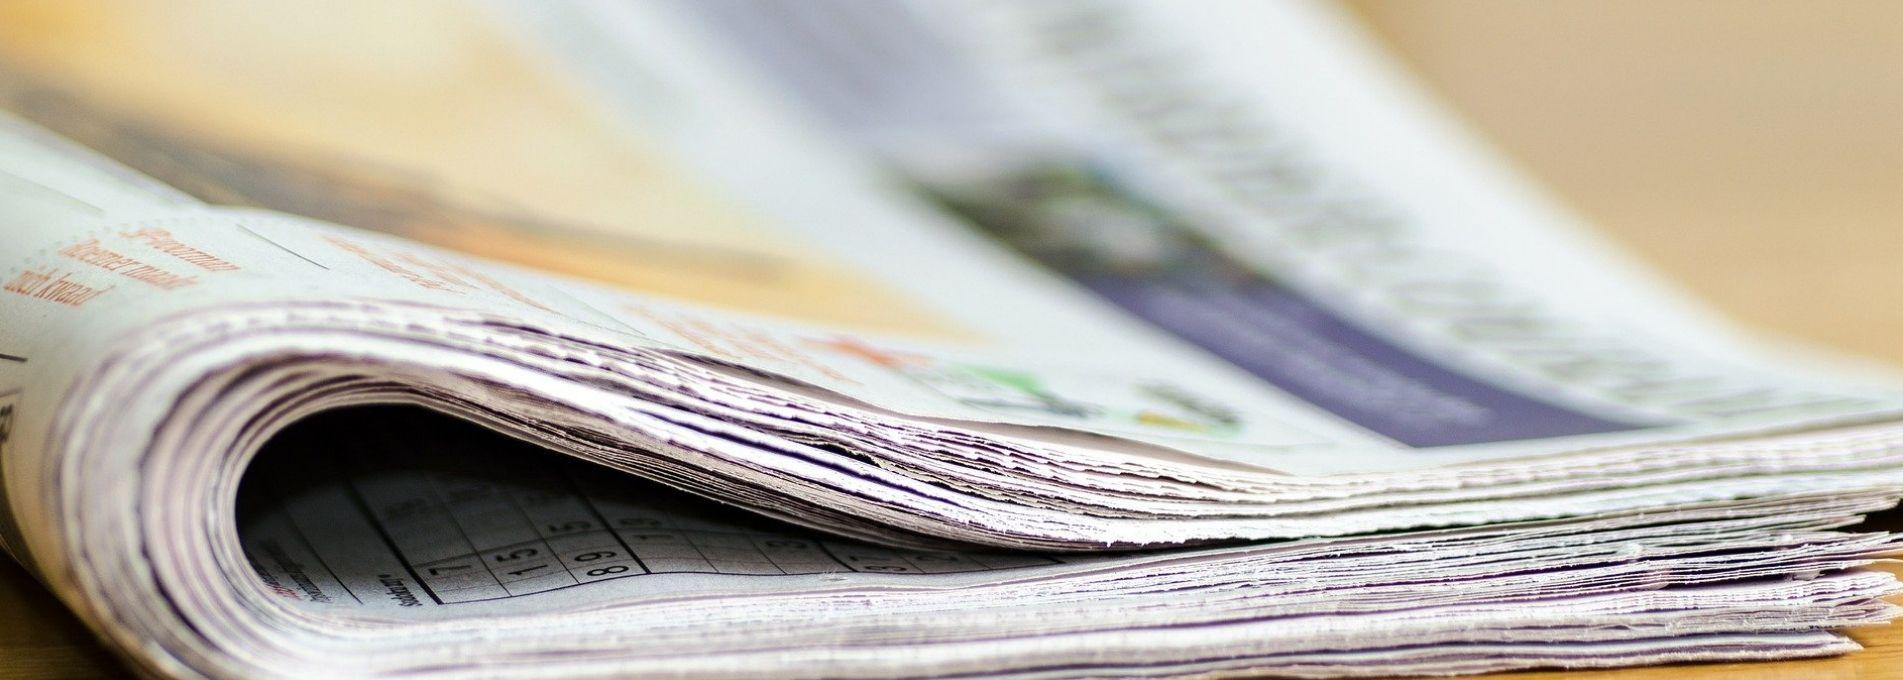 Autorégulation : La CNCEF Assurance pour le maintien de la réforme